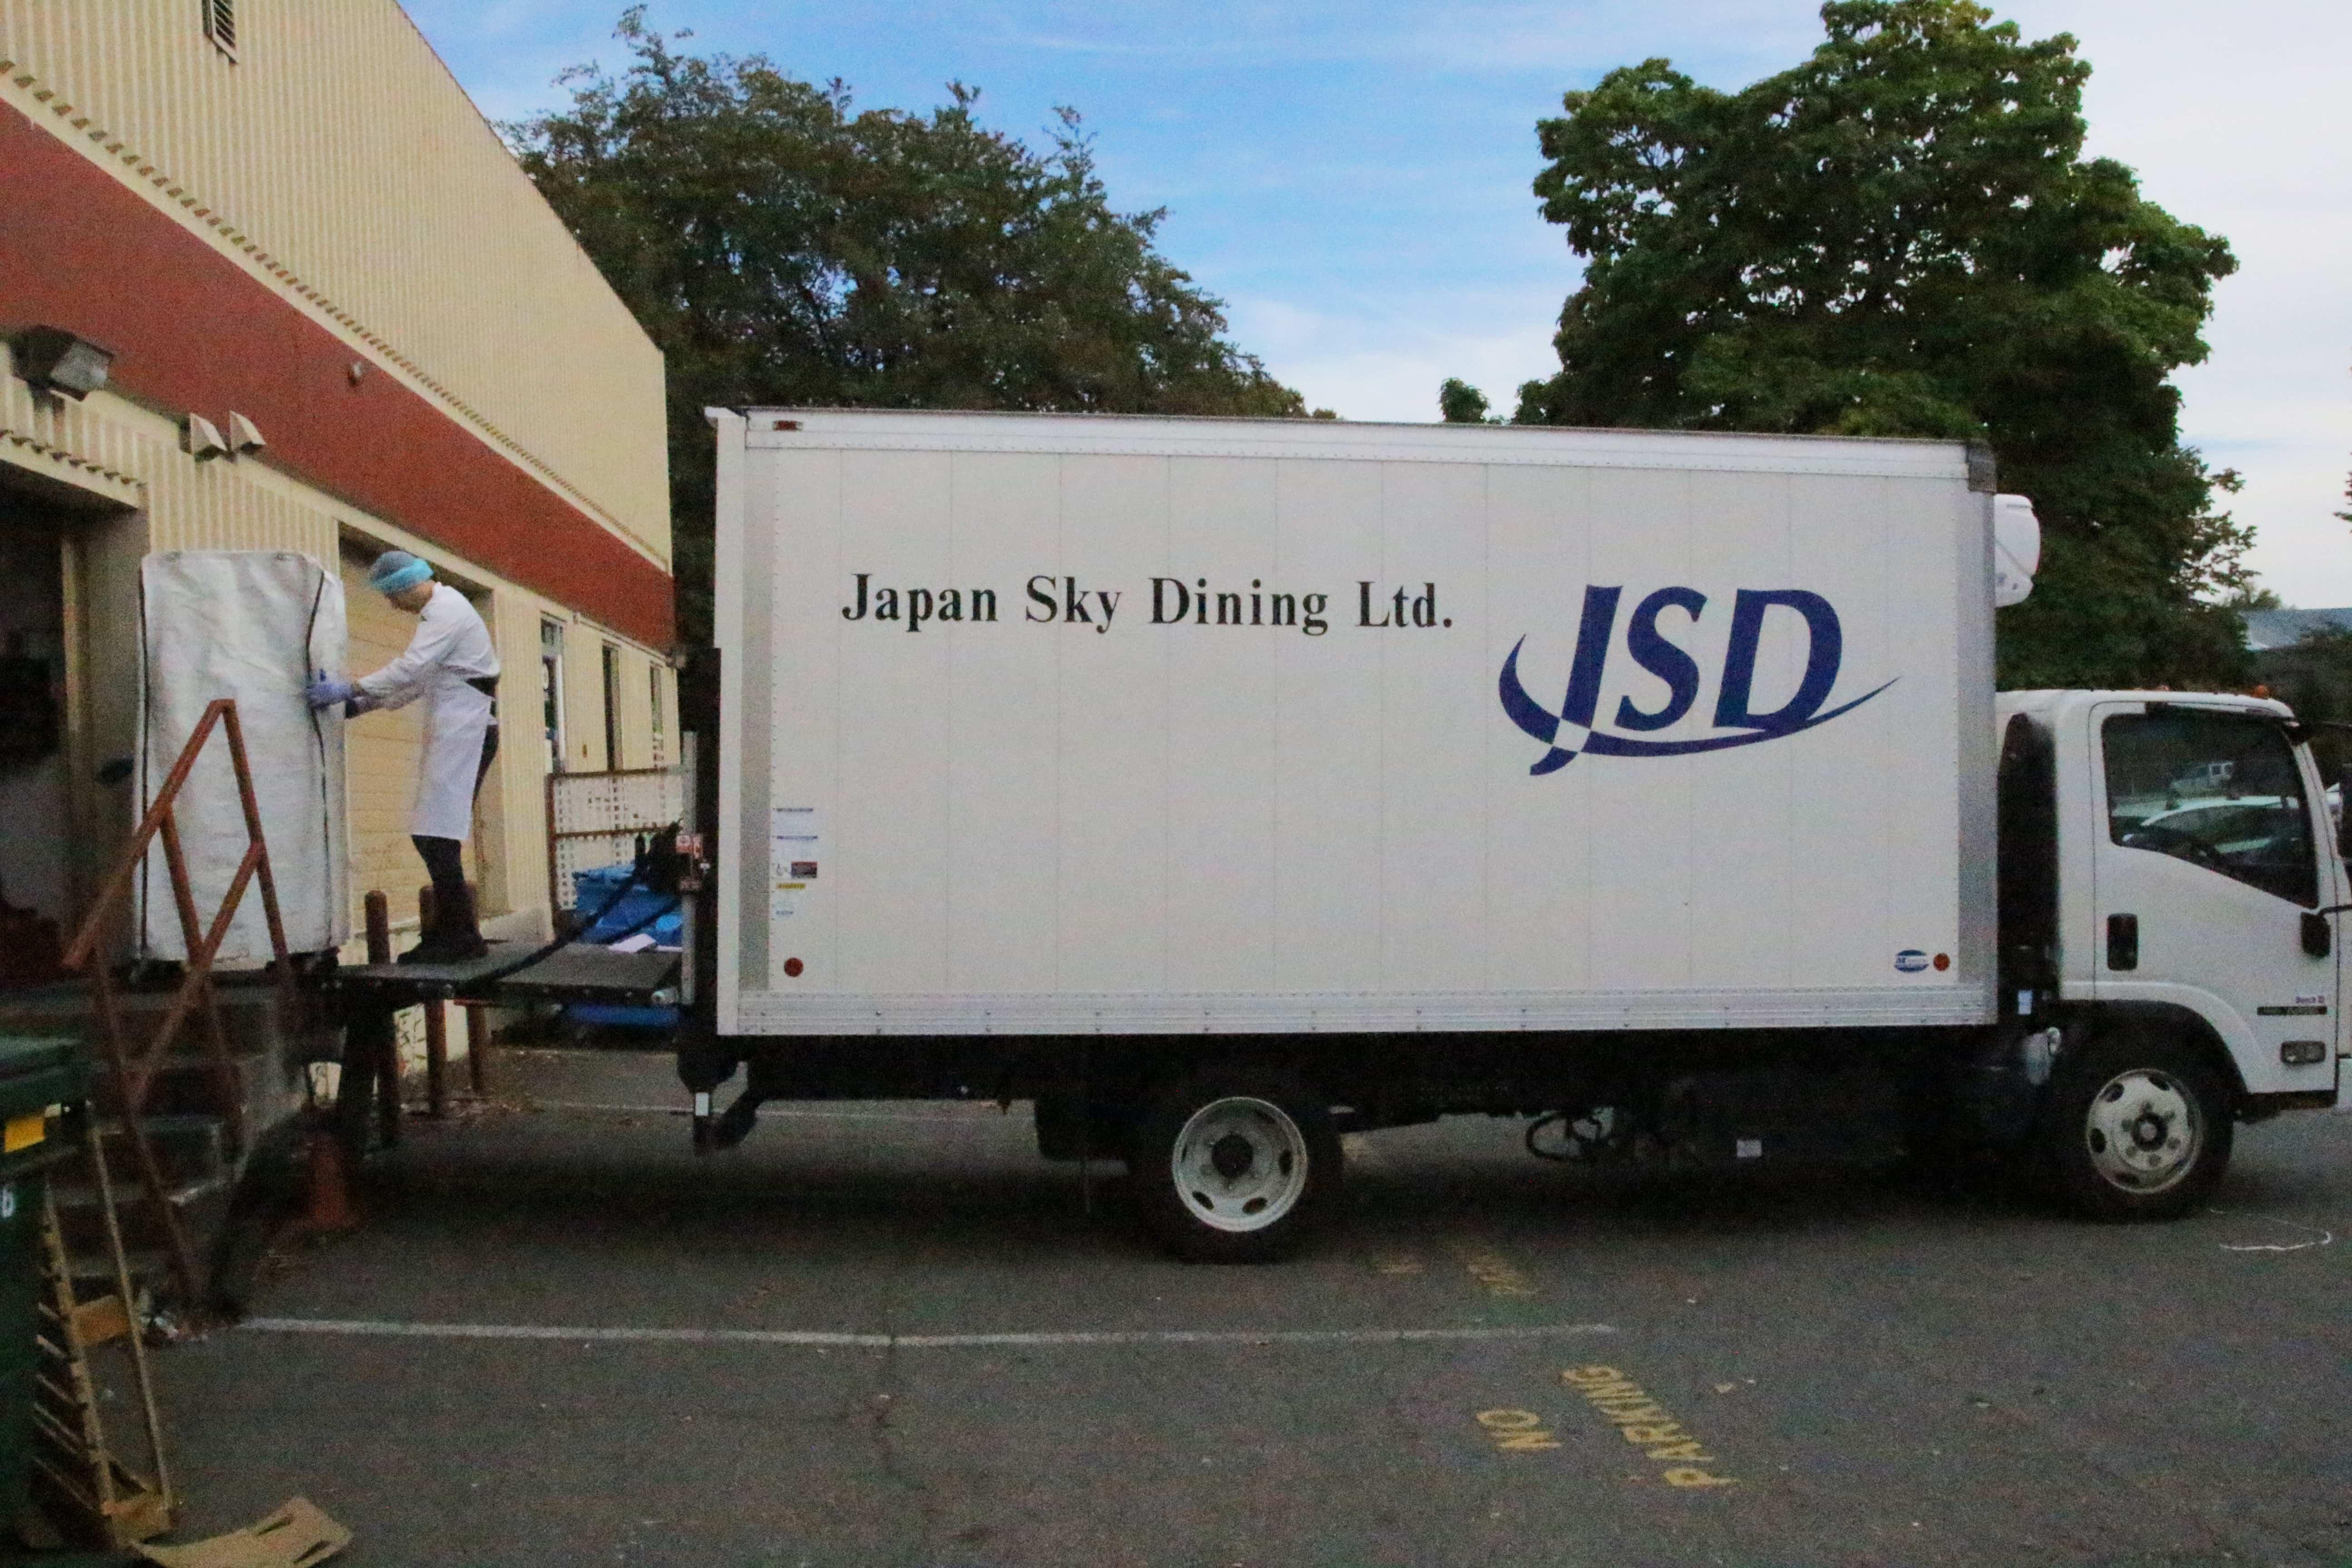 機内食ファクトリーで一緒に働いてくれる仲間募集! - Japan Sky Dining Ltd. イメージ画像